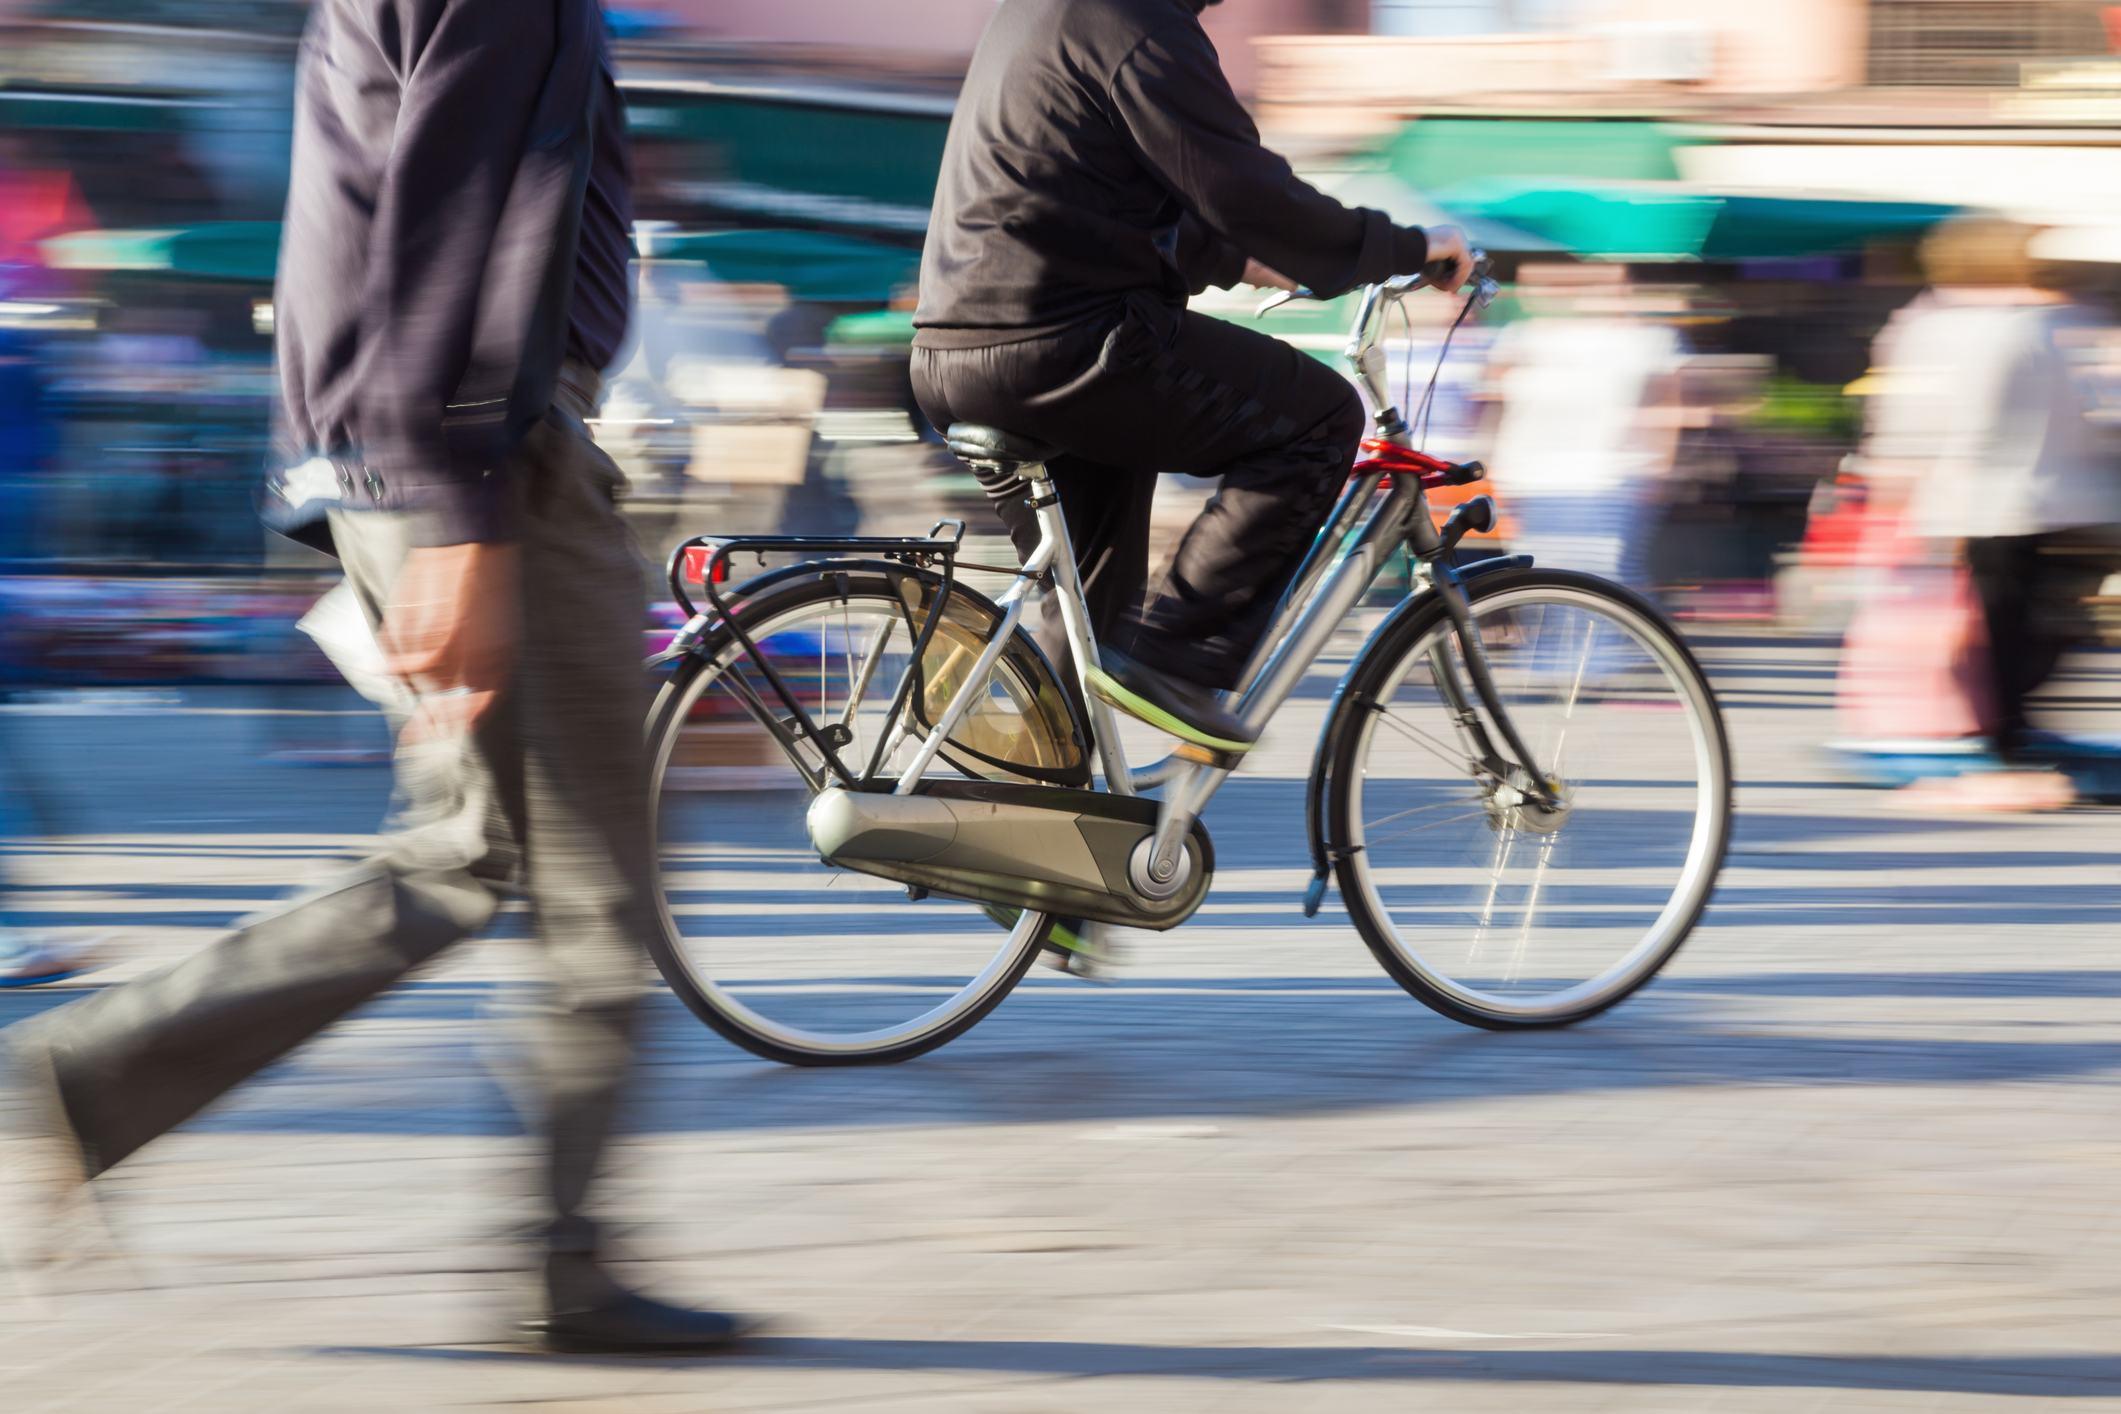 Springtime Pedestrians and Cyclists